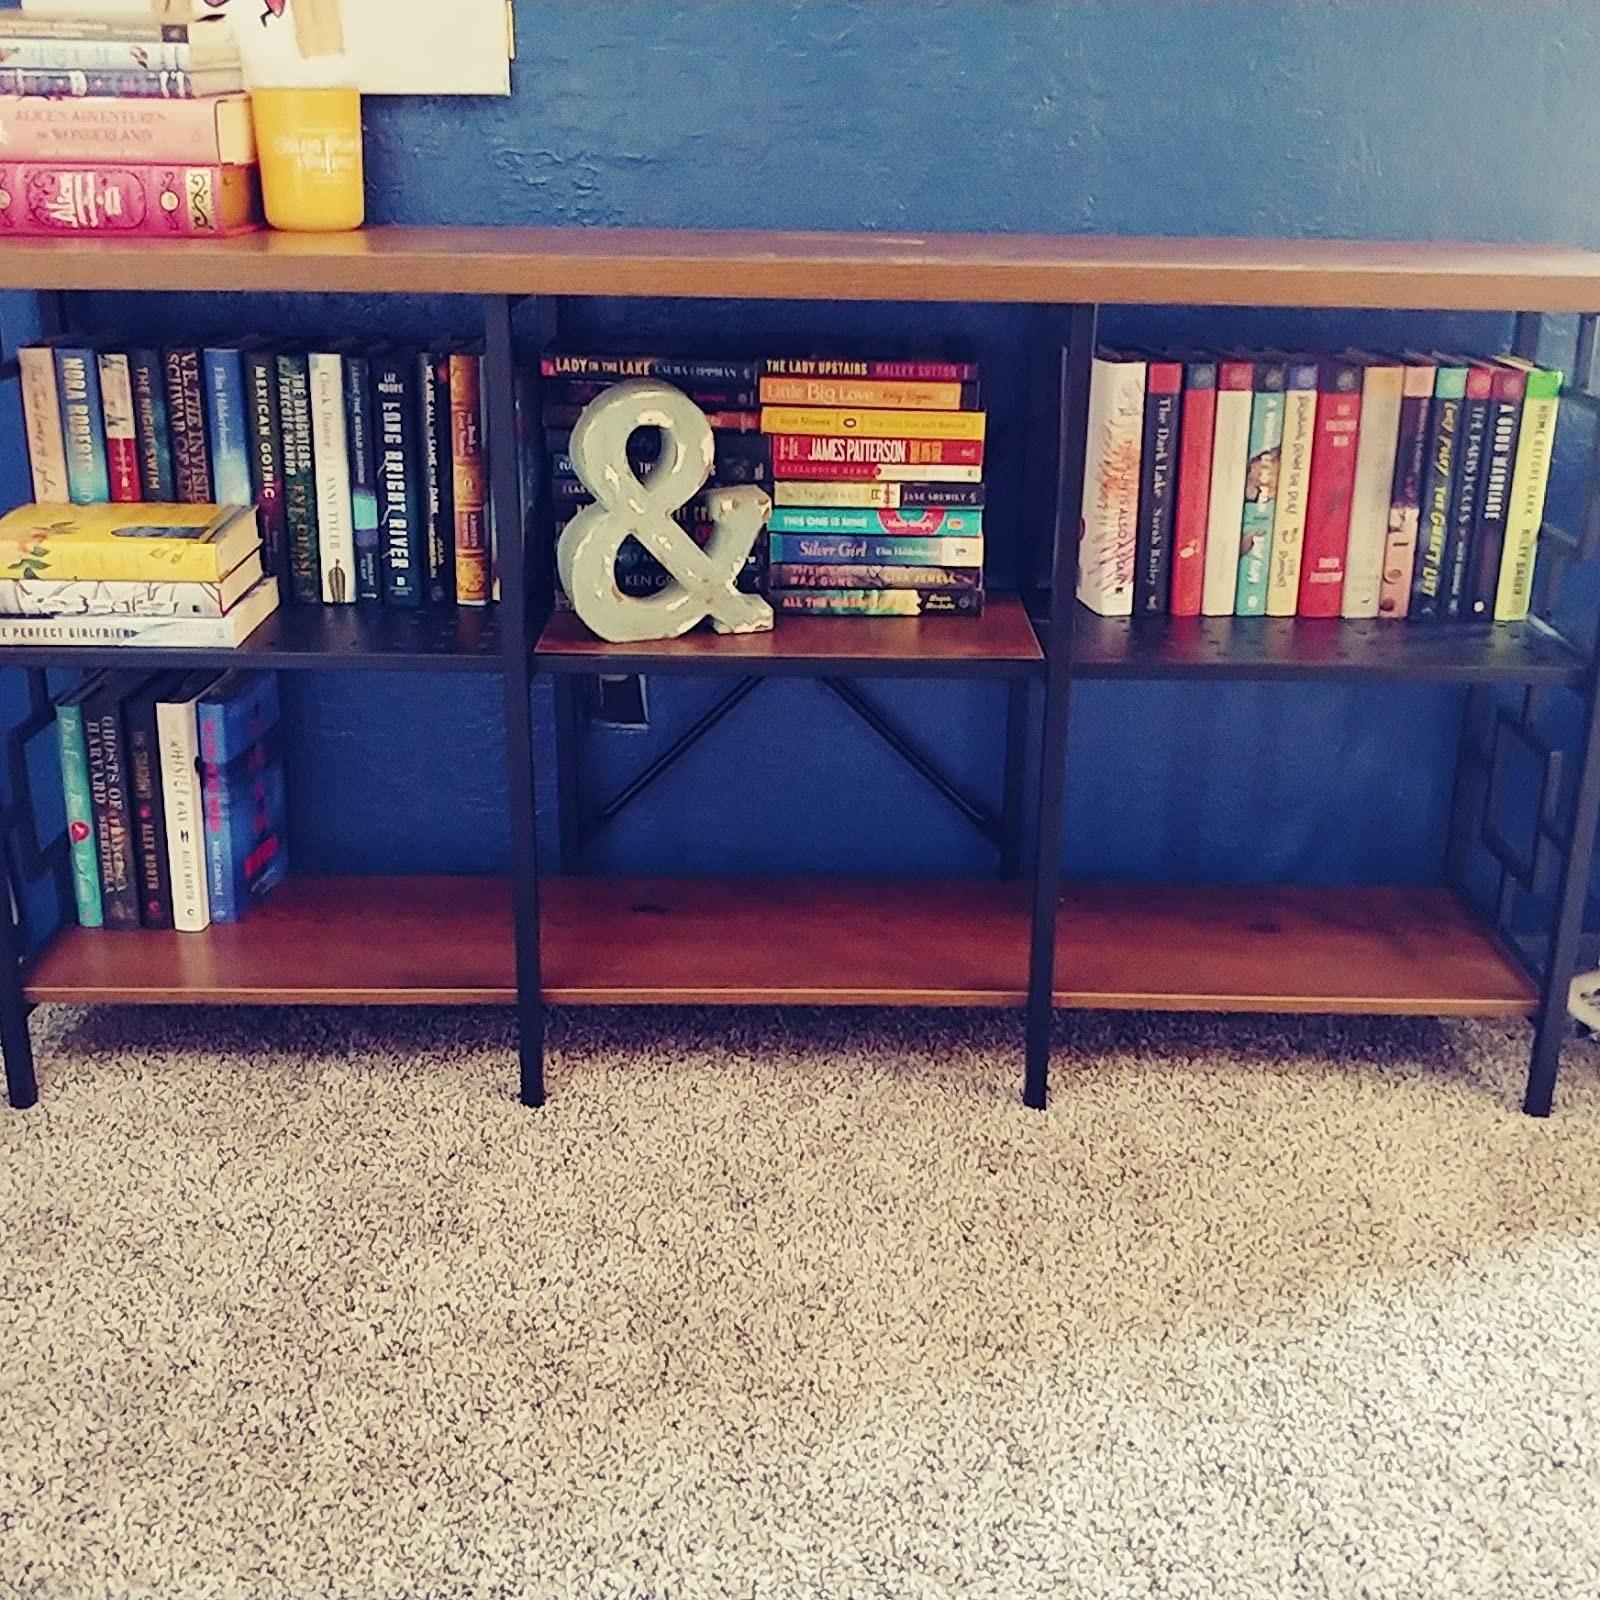 控制台表与六个开放式架子,其中几个装满了书籍